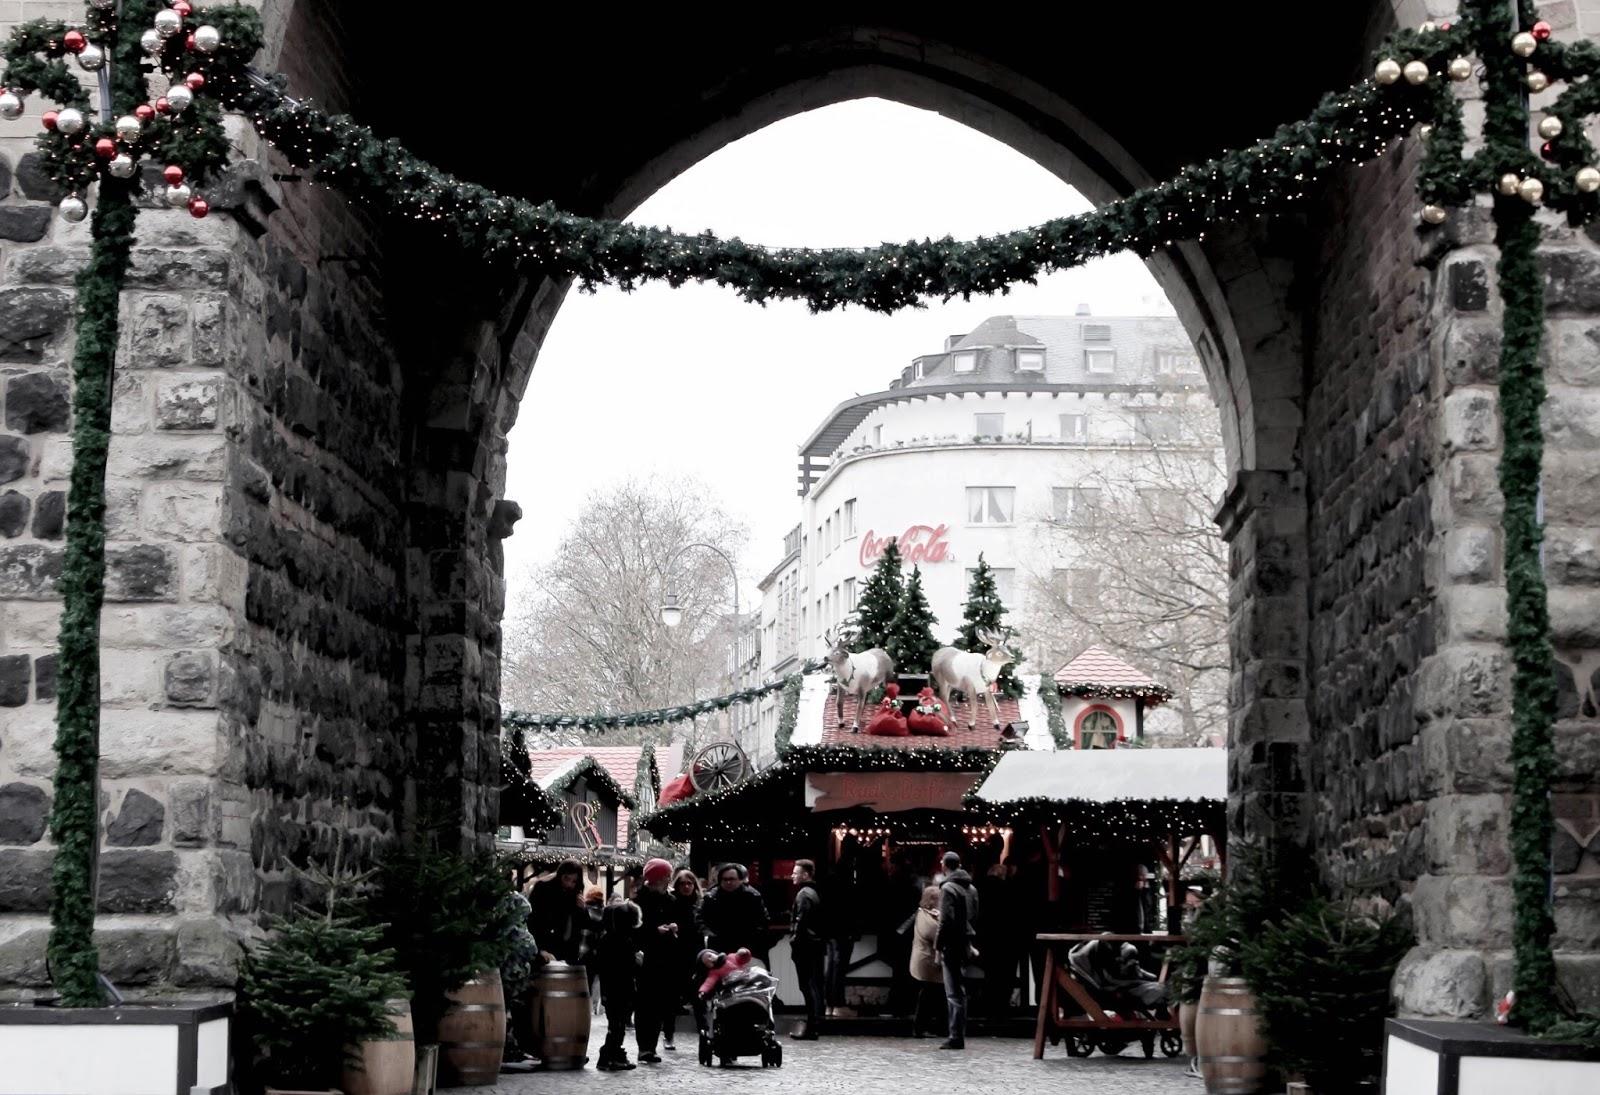 German Christmas Market Nikolausdorf 2017